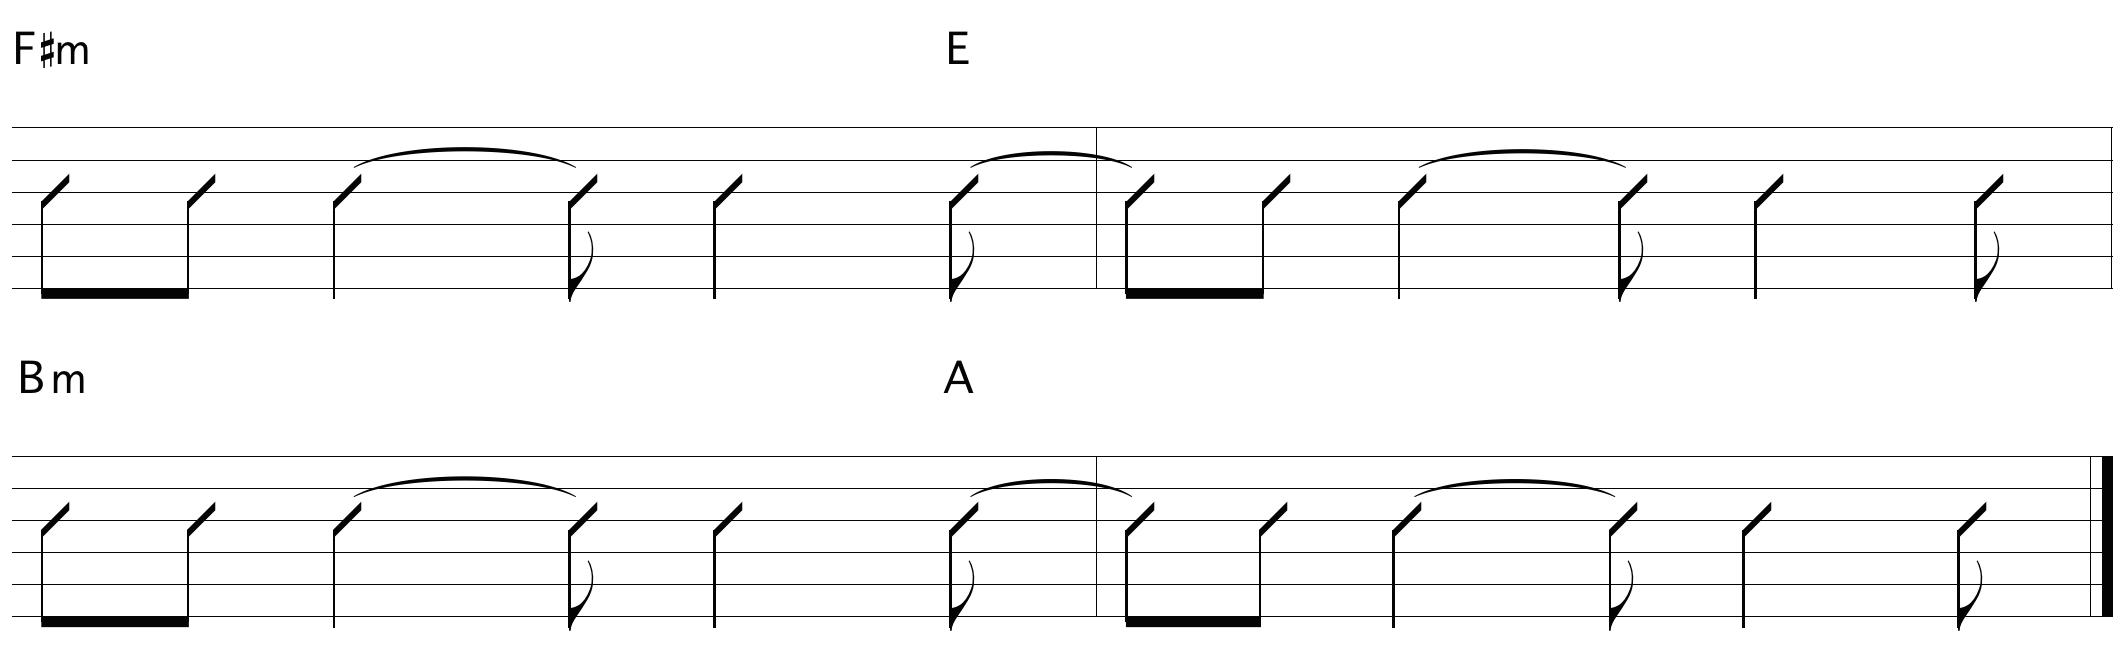 learn-rhythm-guitar_4.png